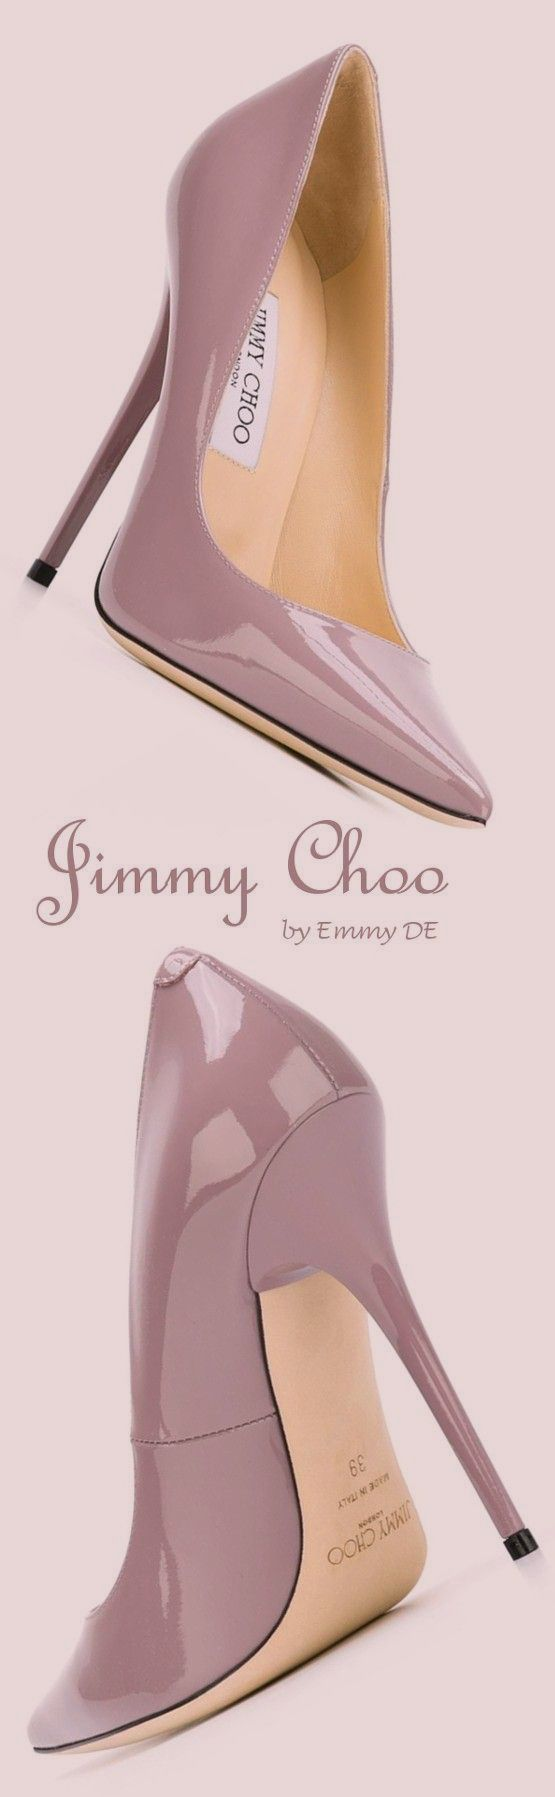 Topuklu Ayakkabı - Bayan Ayakkabı Modelleri - Stiletto (48)